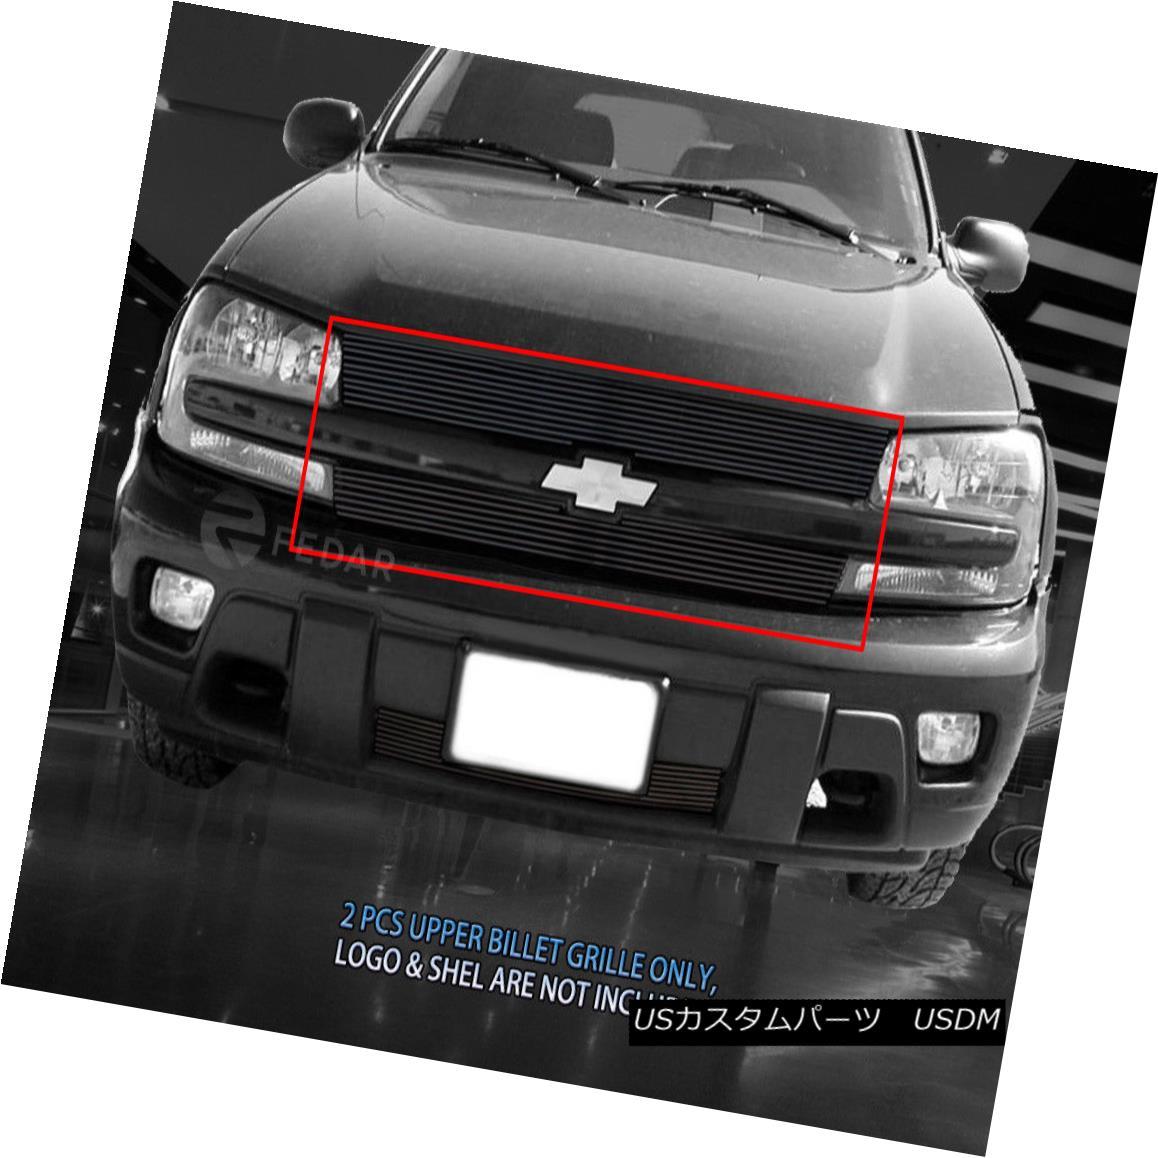 グリル For 02-05 Chevy Trailblazer Black Billet Grille Upper Insert 02-05 Chevy Trailblazer Black Billet Grilleアッパーインサート